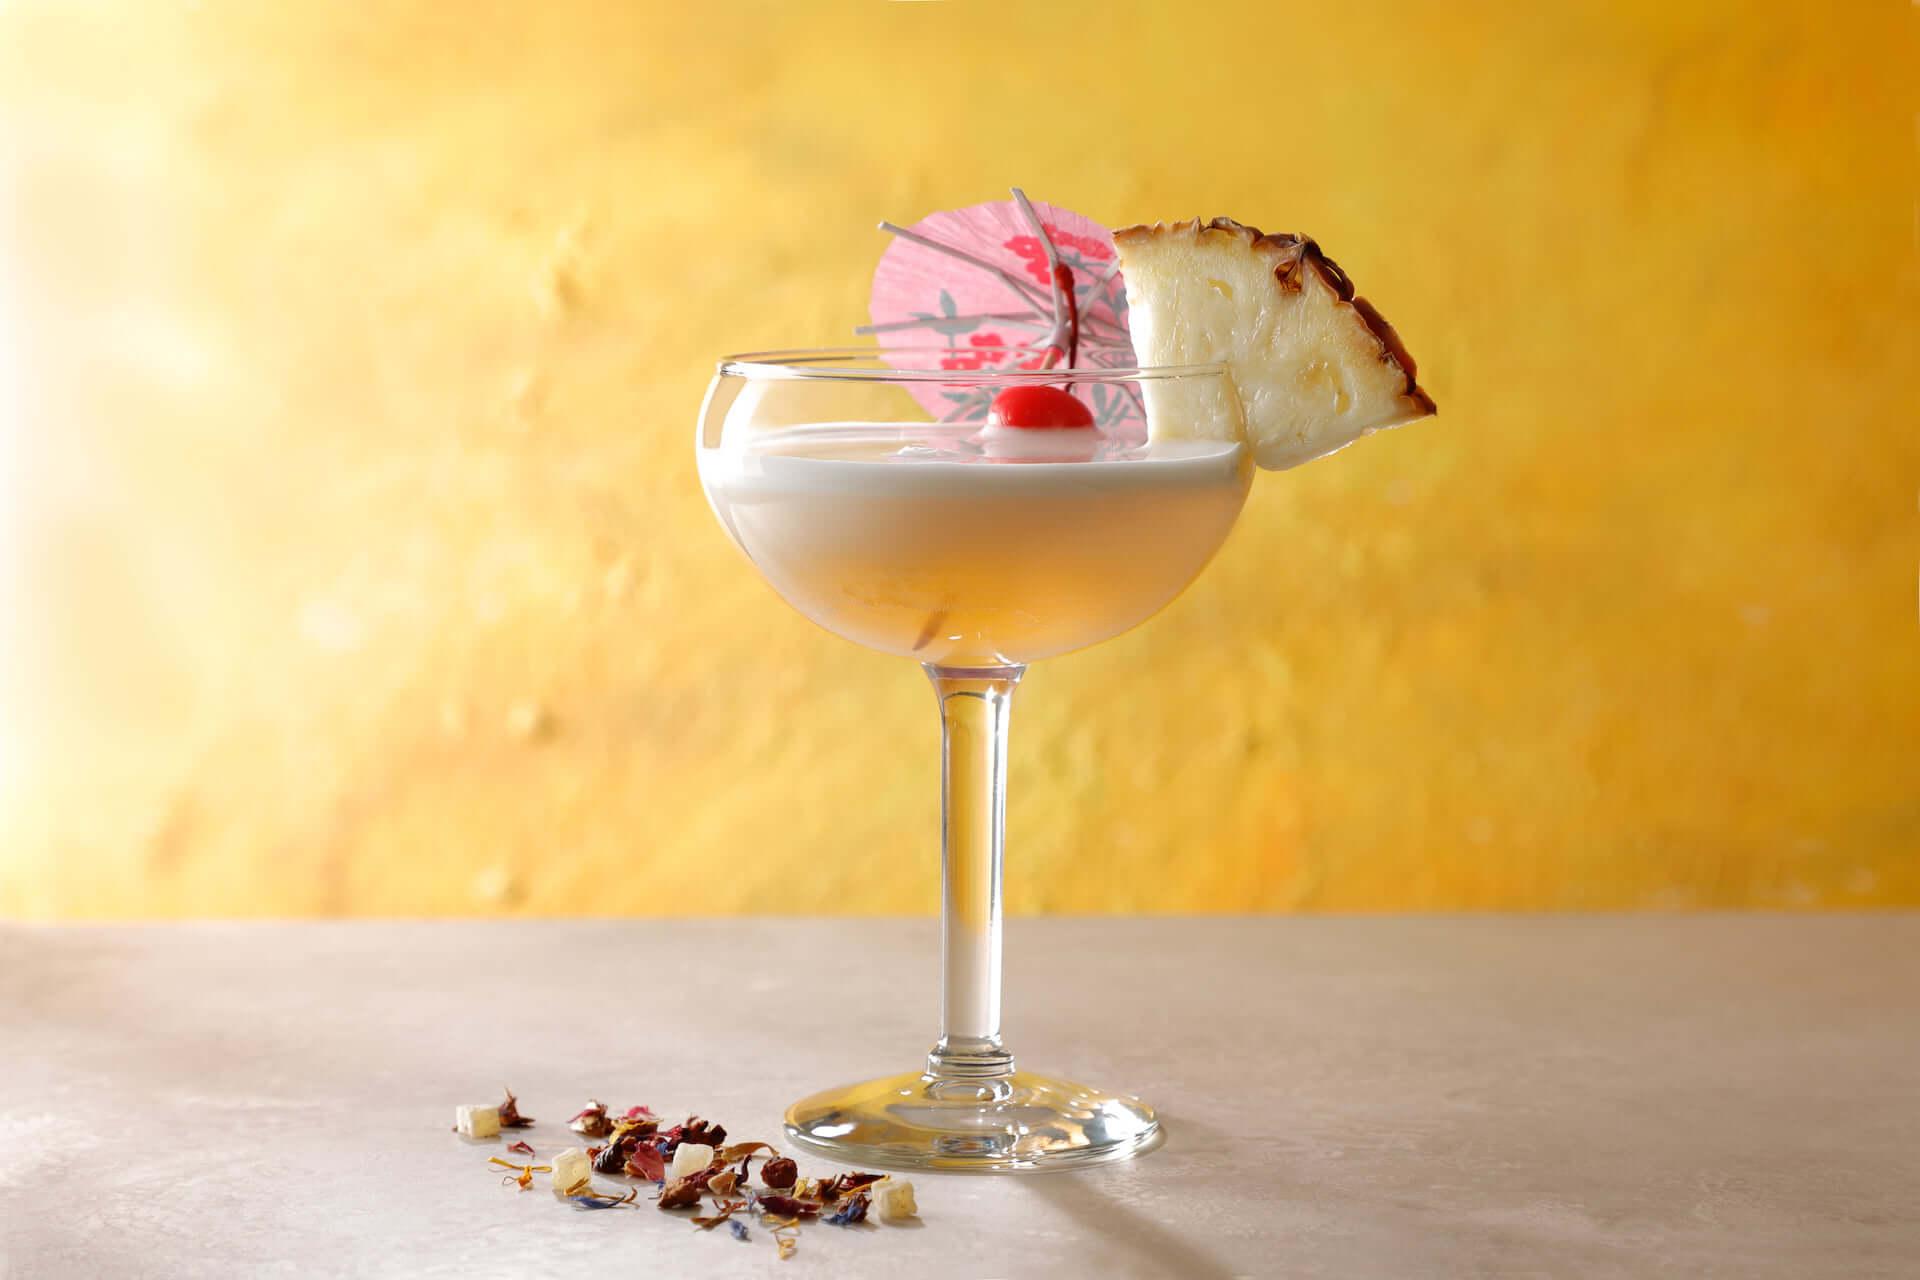 高級スタバに新ラインナップ11種登場!「スターバックス リザーブ® ロースタリー 東京」にて販売 gourmet190628Nitro-Tea-Pineapple-Kona-Pop_ingre-1920x1280